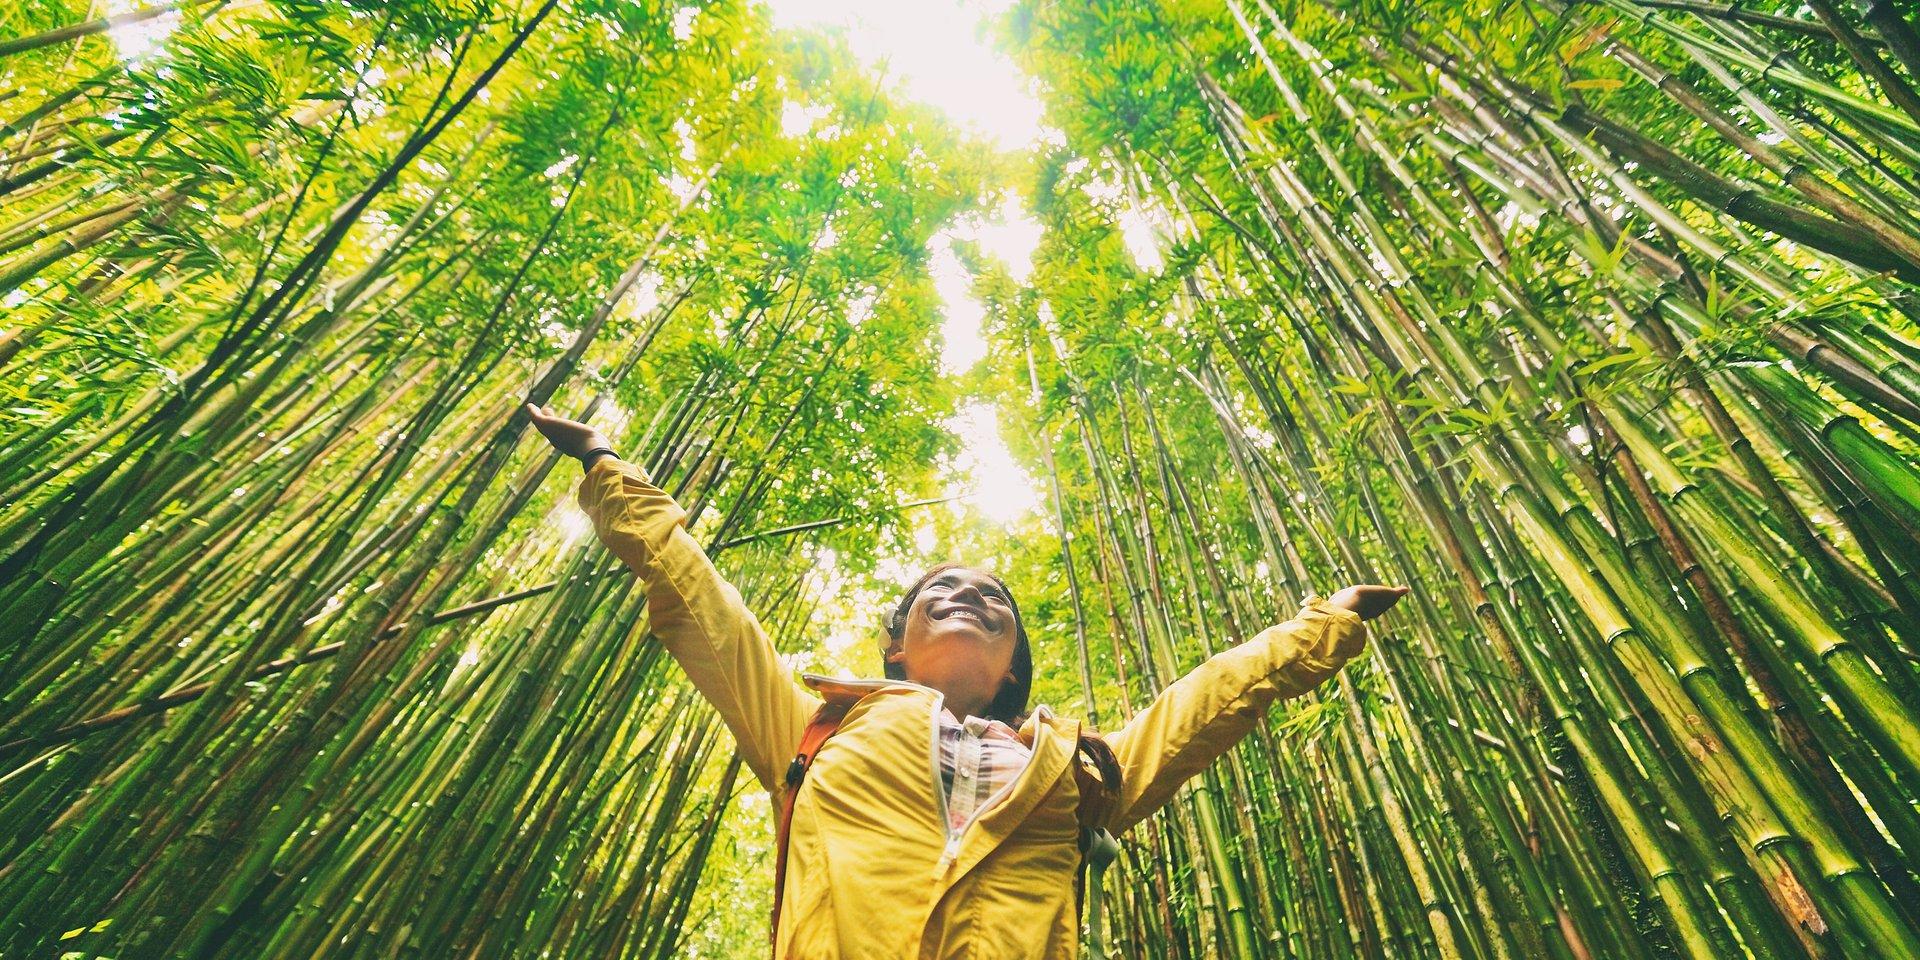 Jak być eko na wakacjach? 7 praktyk, o których warto pamiętać podczas letniego urlopu